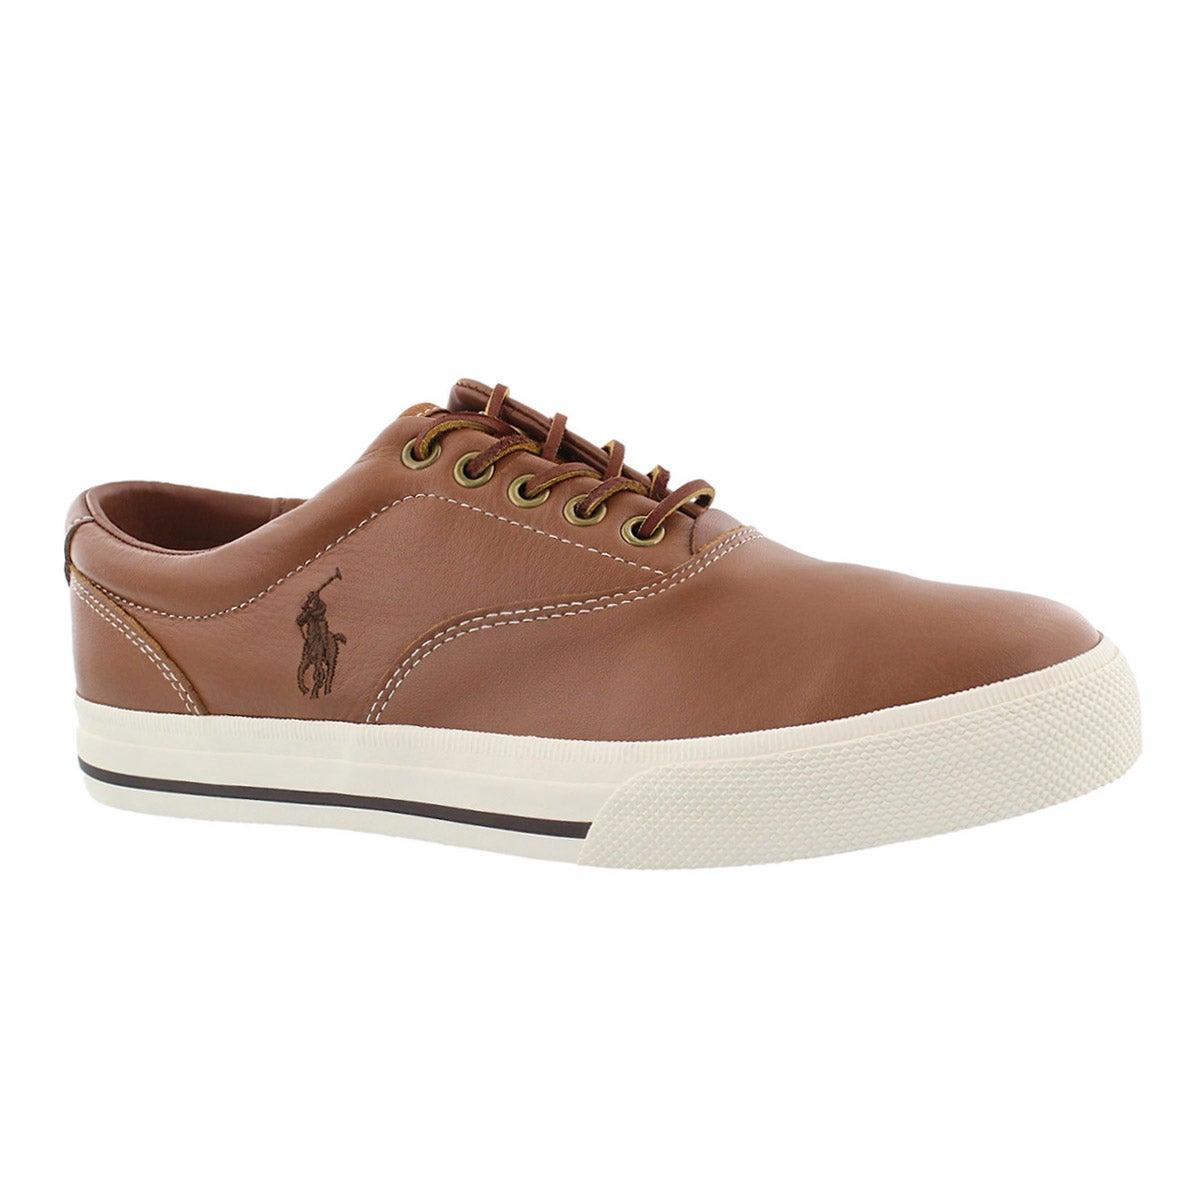 Men's VAUGHN tan leather CVO sneakers